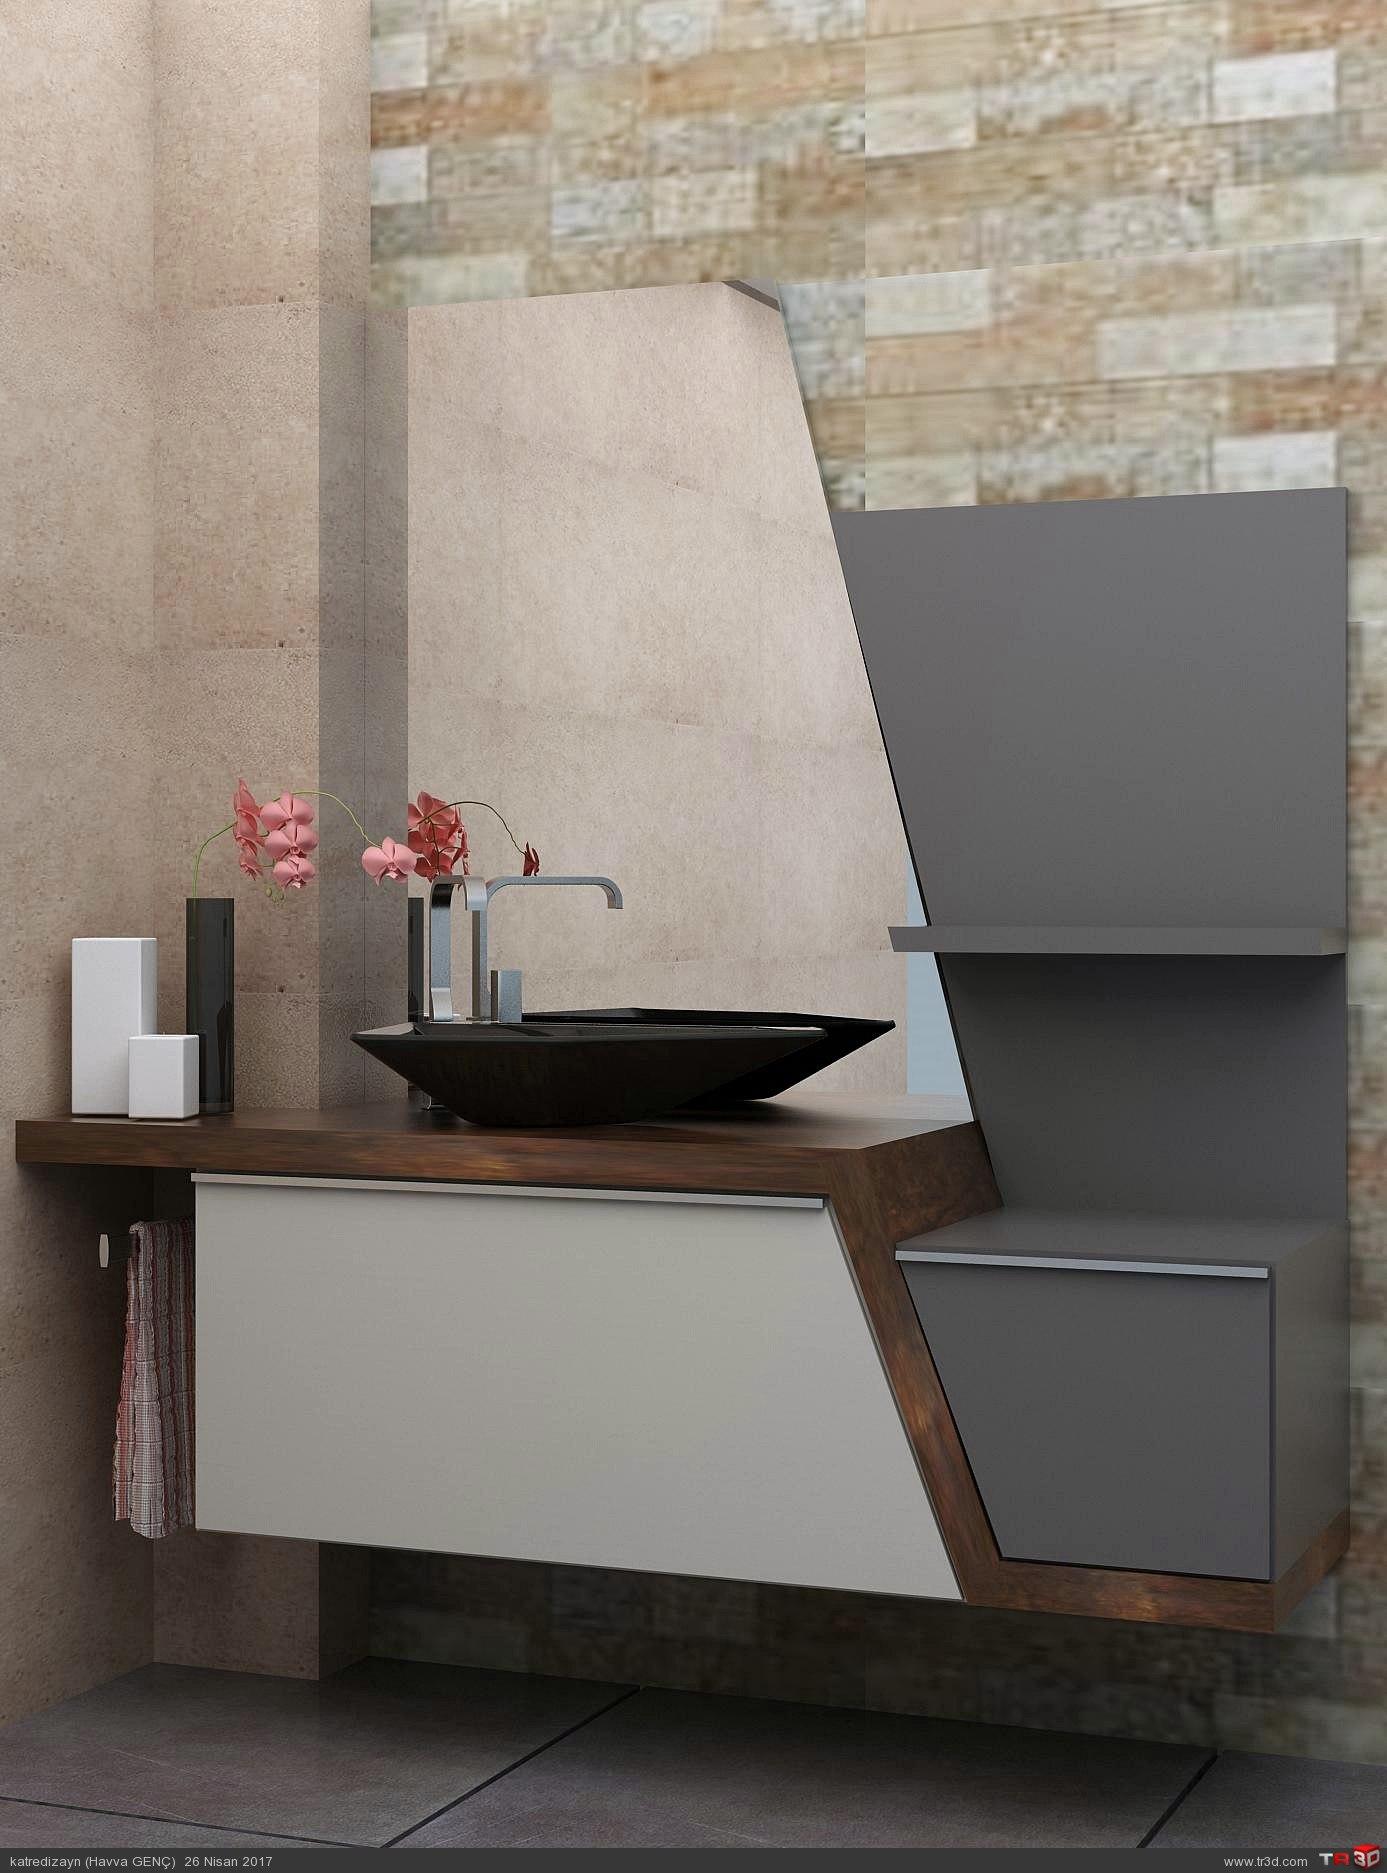 Özel banyo dolabı tasarımı